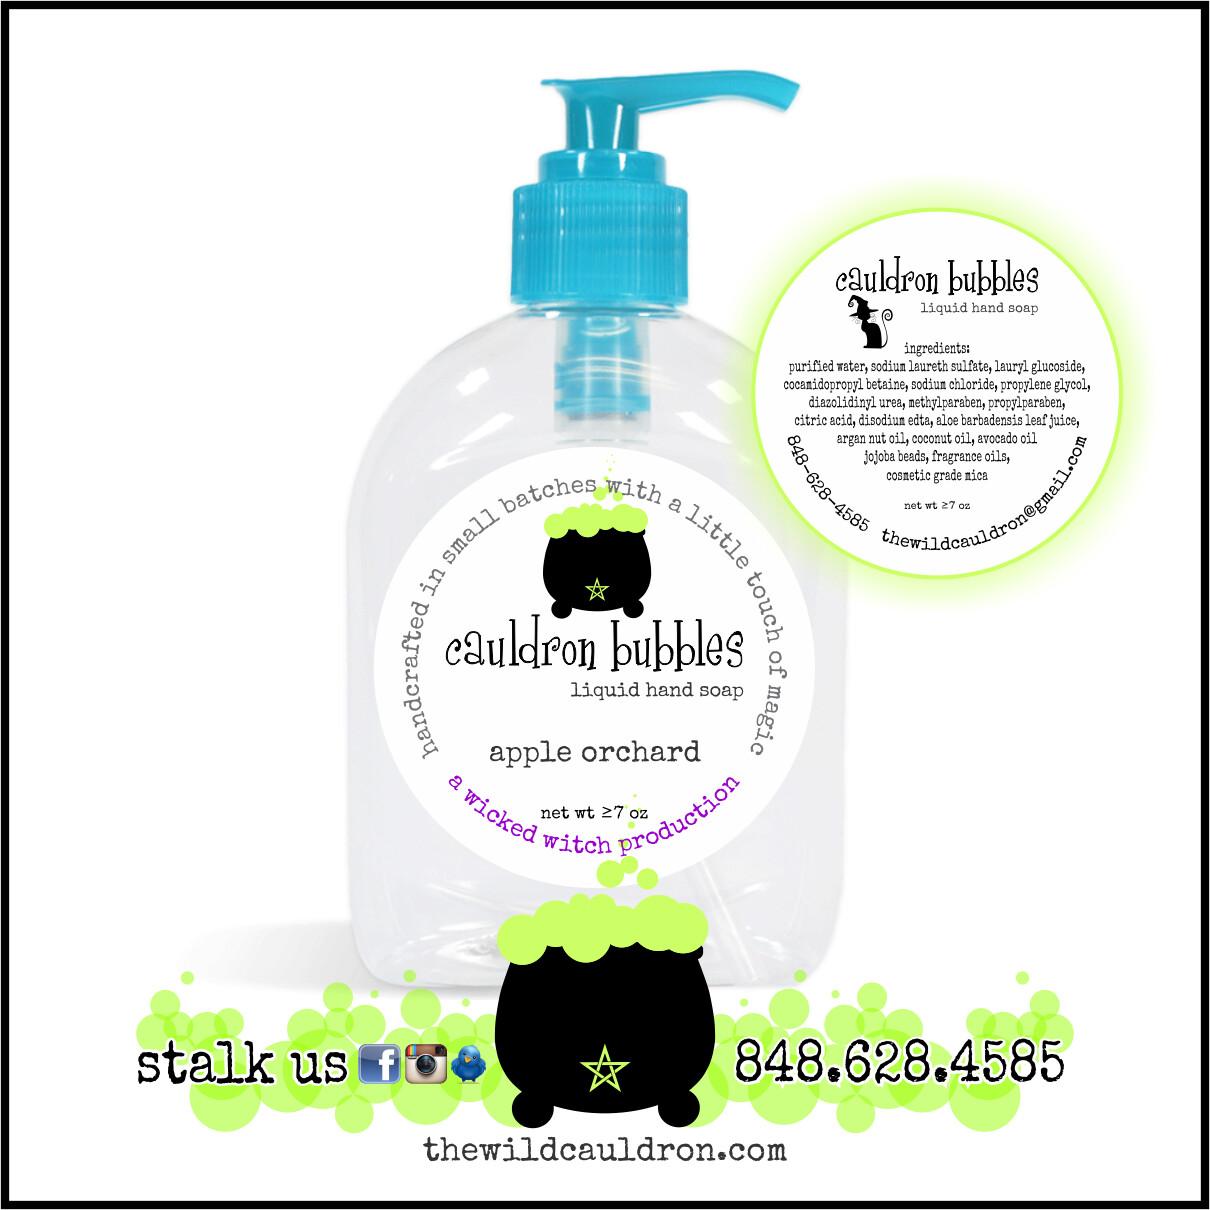 Apple Orchard Cauldron Bubbles Hand Soap